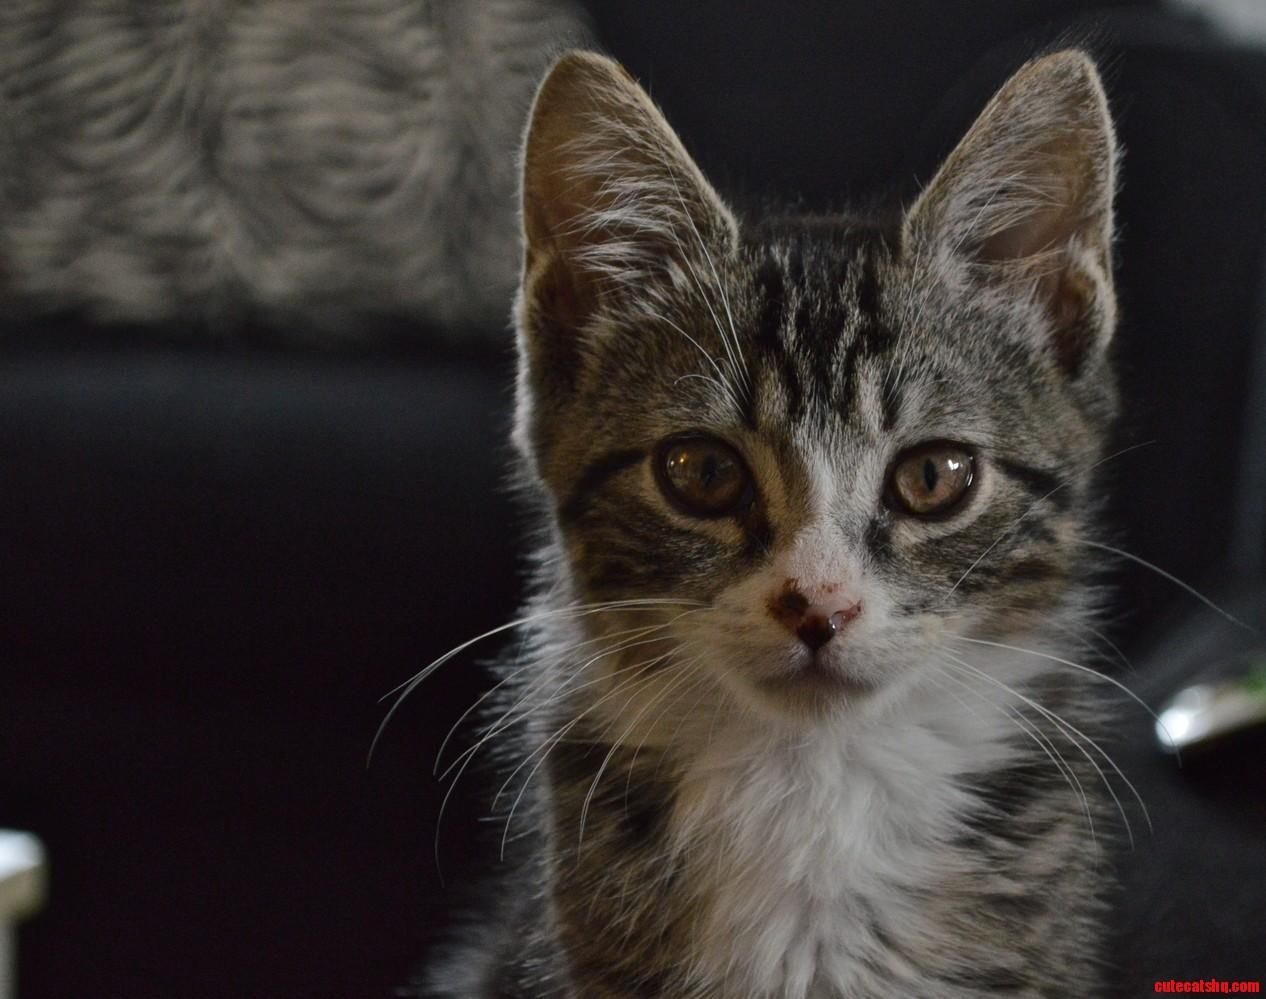 My favorite glamor shot of our new kitten ness.